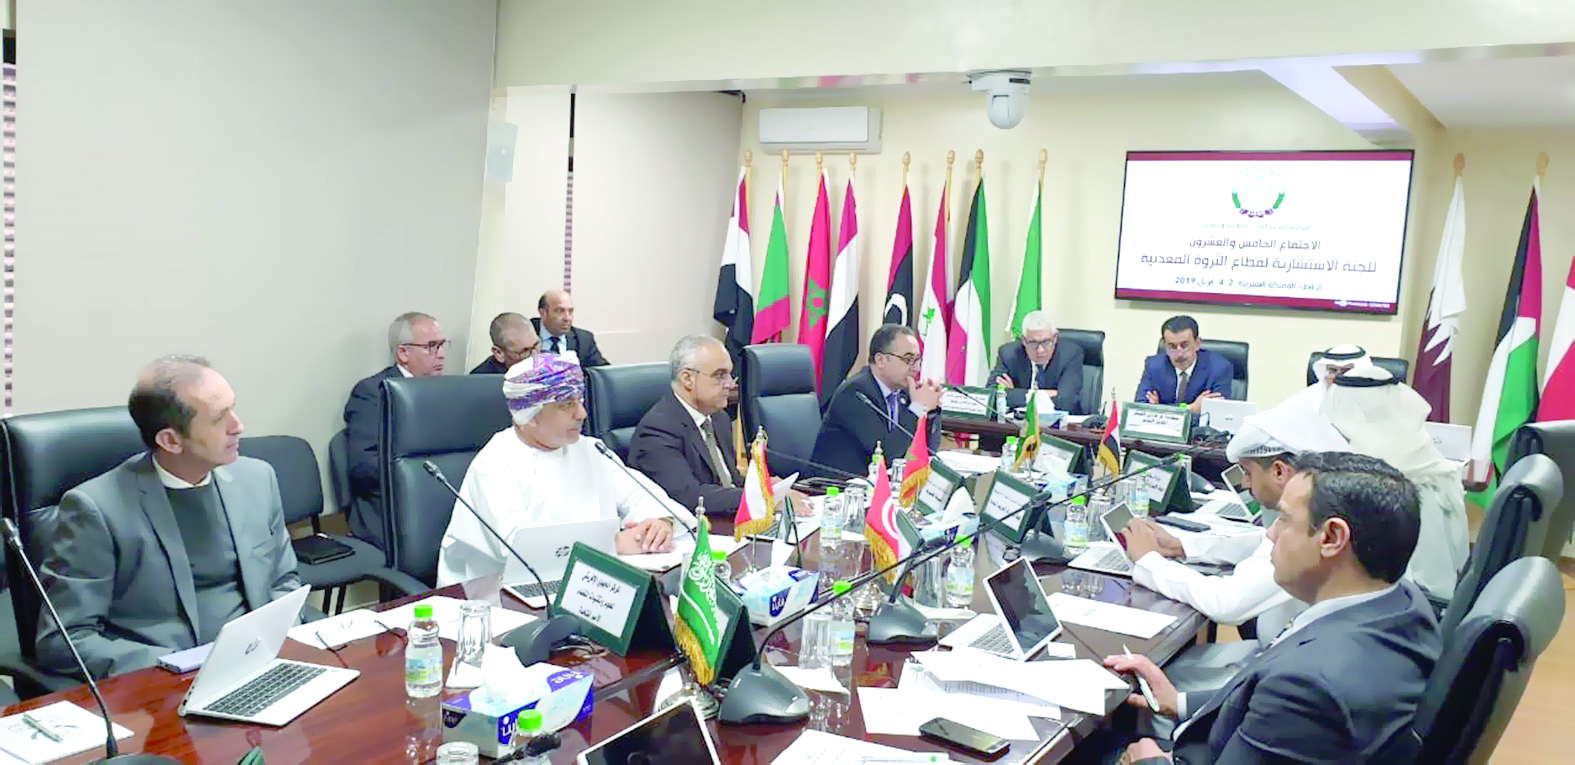 التعدين تشارك باجتماعات اللجنة الاستشارية لقطاع الثروة المعدنية بالرباط